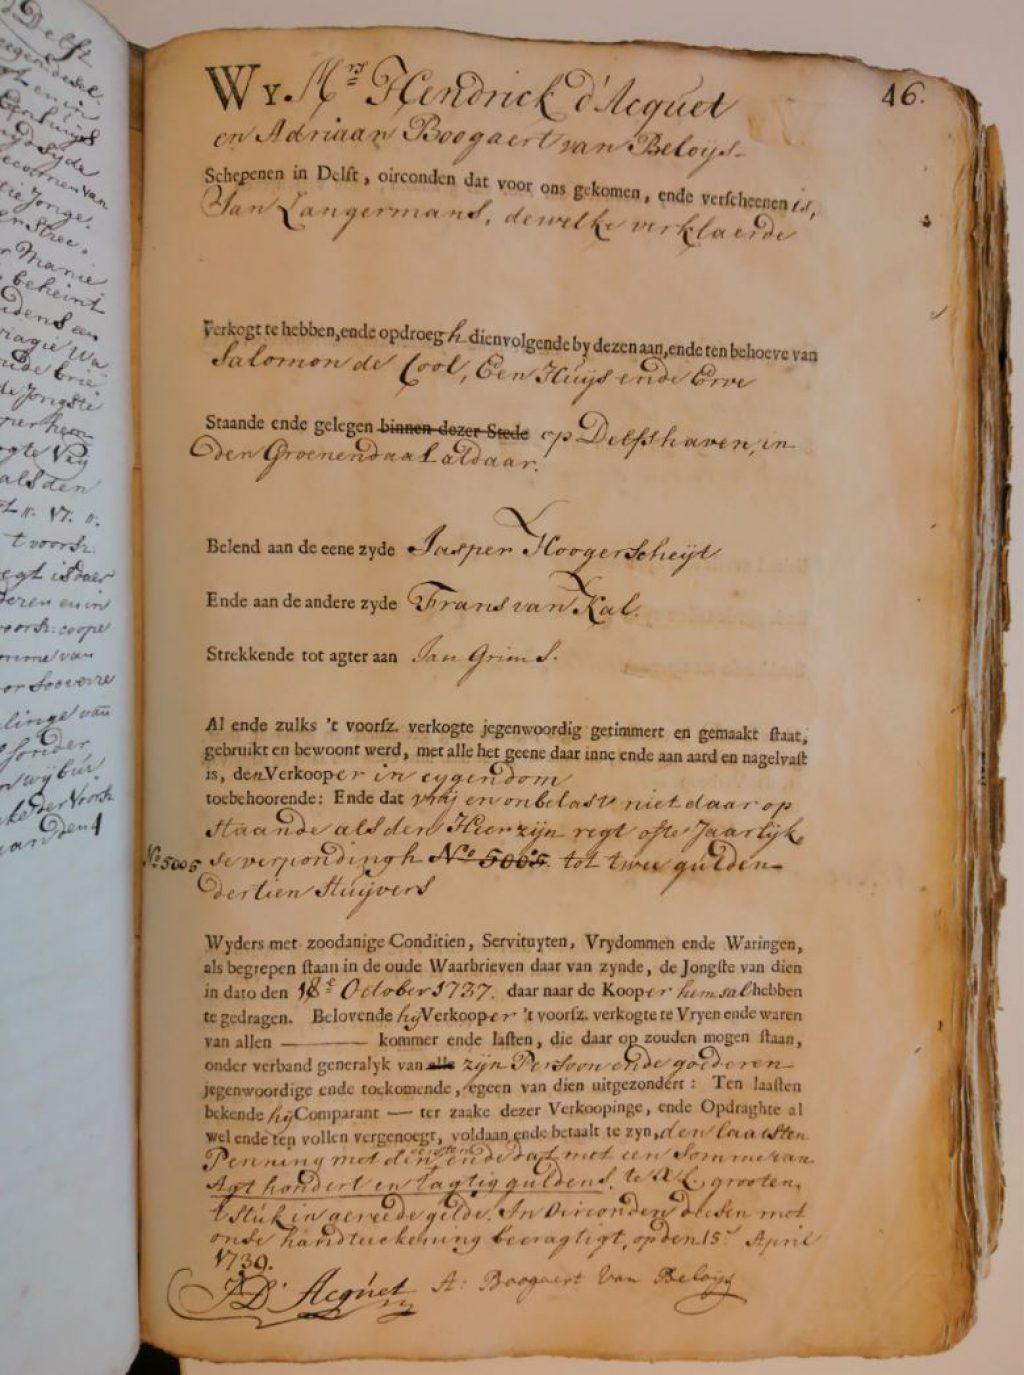 De eerste waarbrief op een voorgedrukt formulier, 15 april 1739. (Archief 1, inv.nr 2299